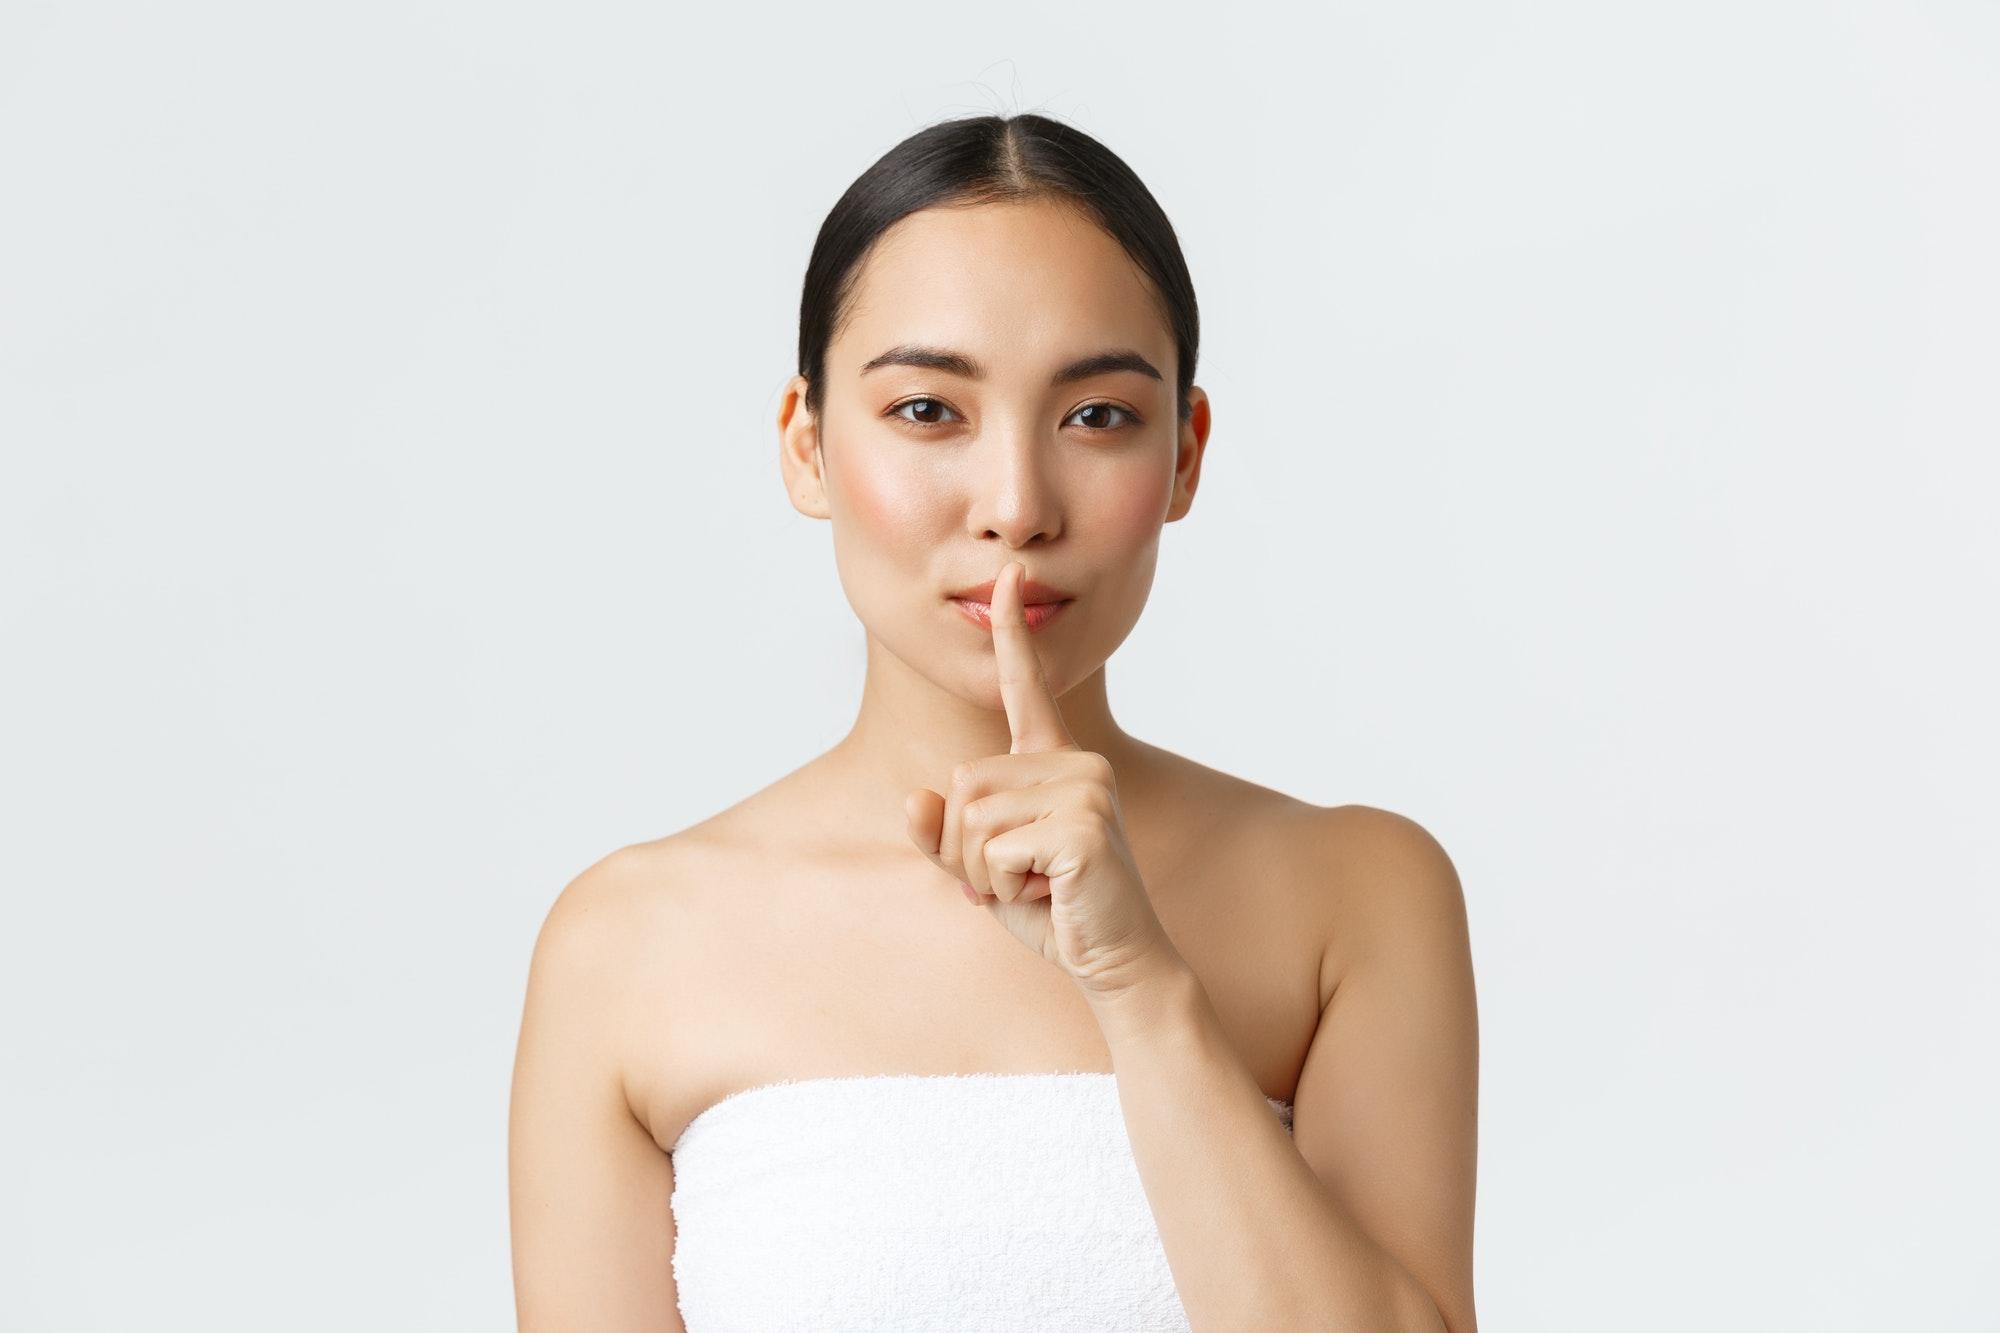 Femme met son doigt sur sa bouche. Elle ne dit pas tout